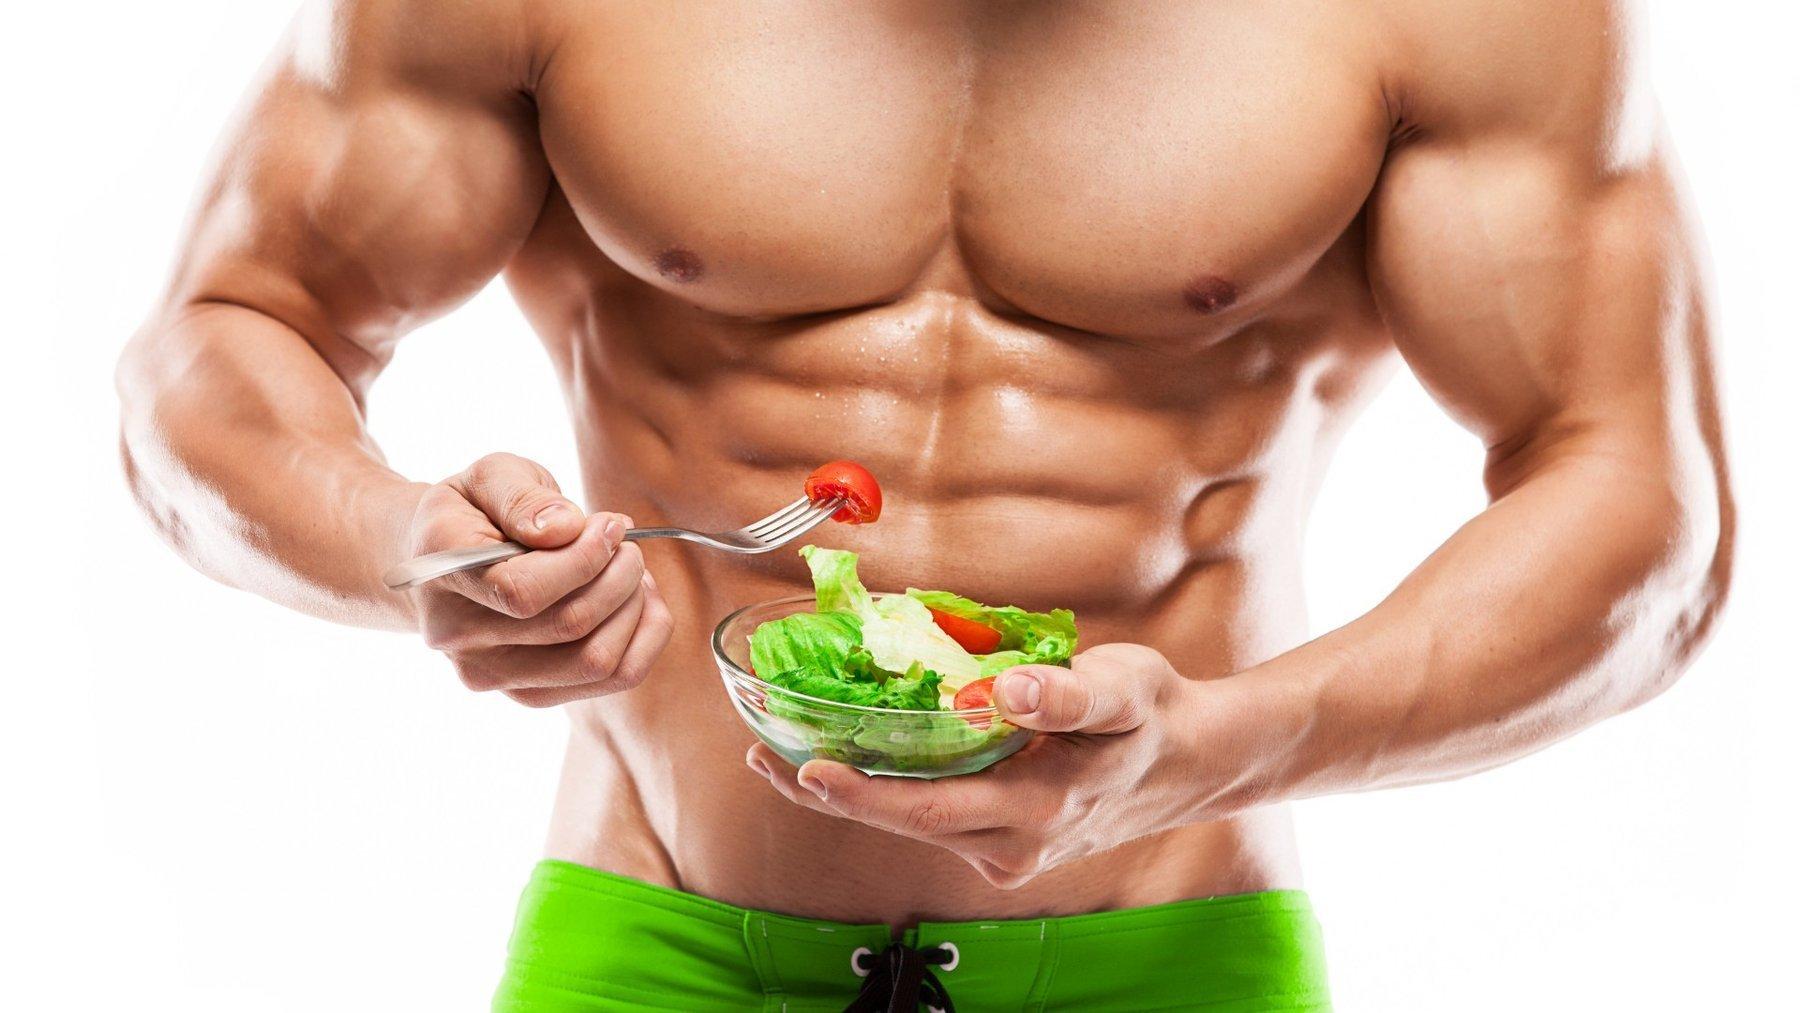 Правильное Питание Диеты Для Мужчин. Диета для мужчин — меню правильного питания для похудения на 7 дней